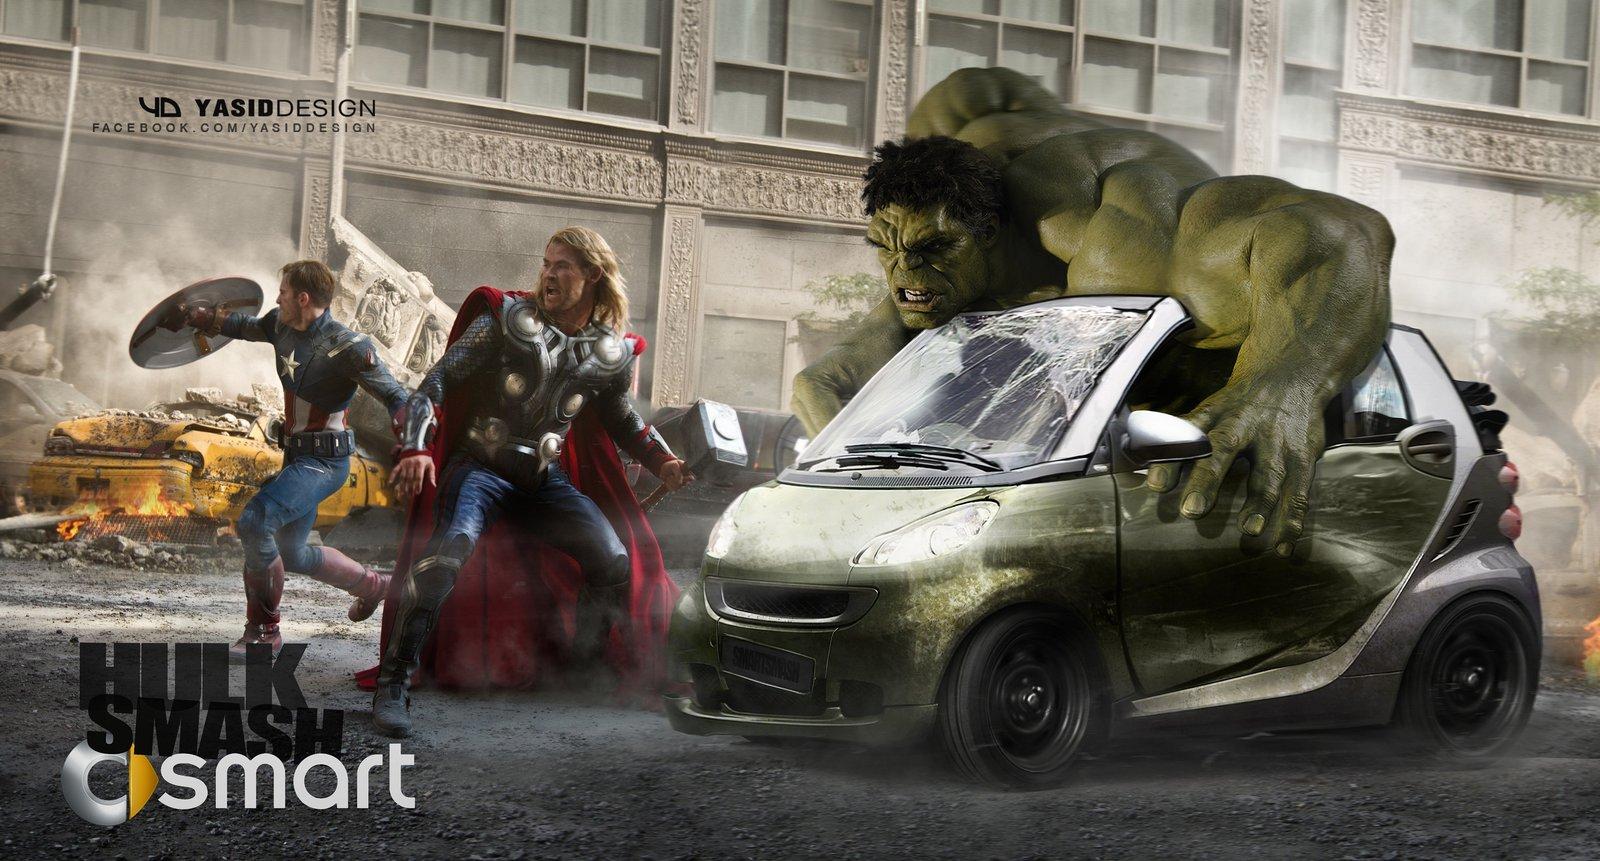 Hulk Smart smash.